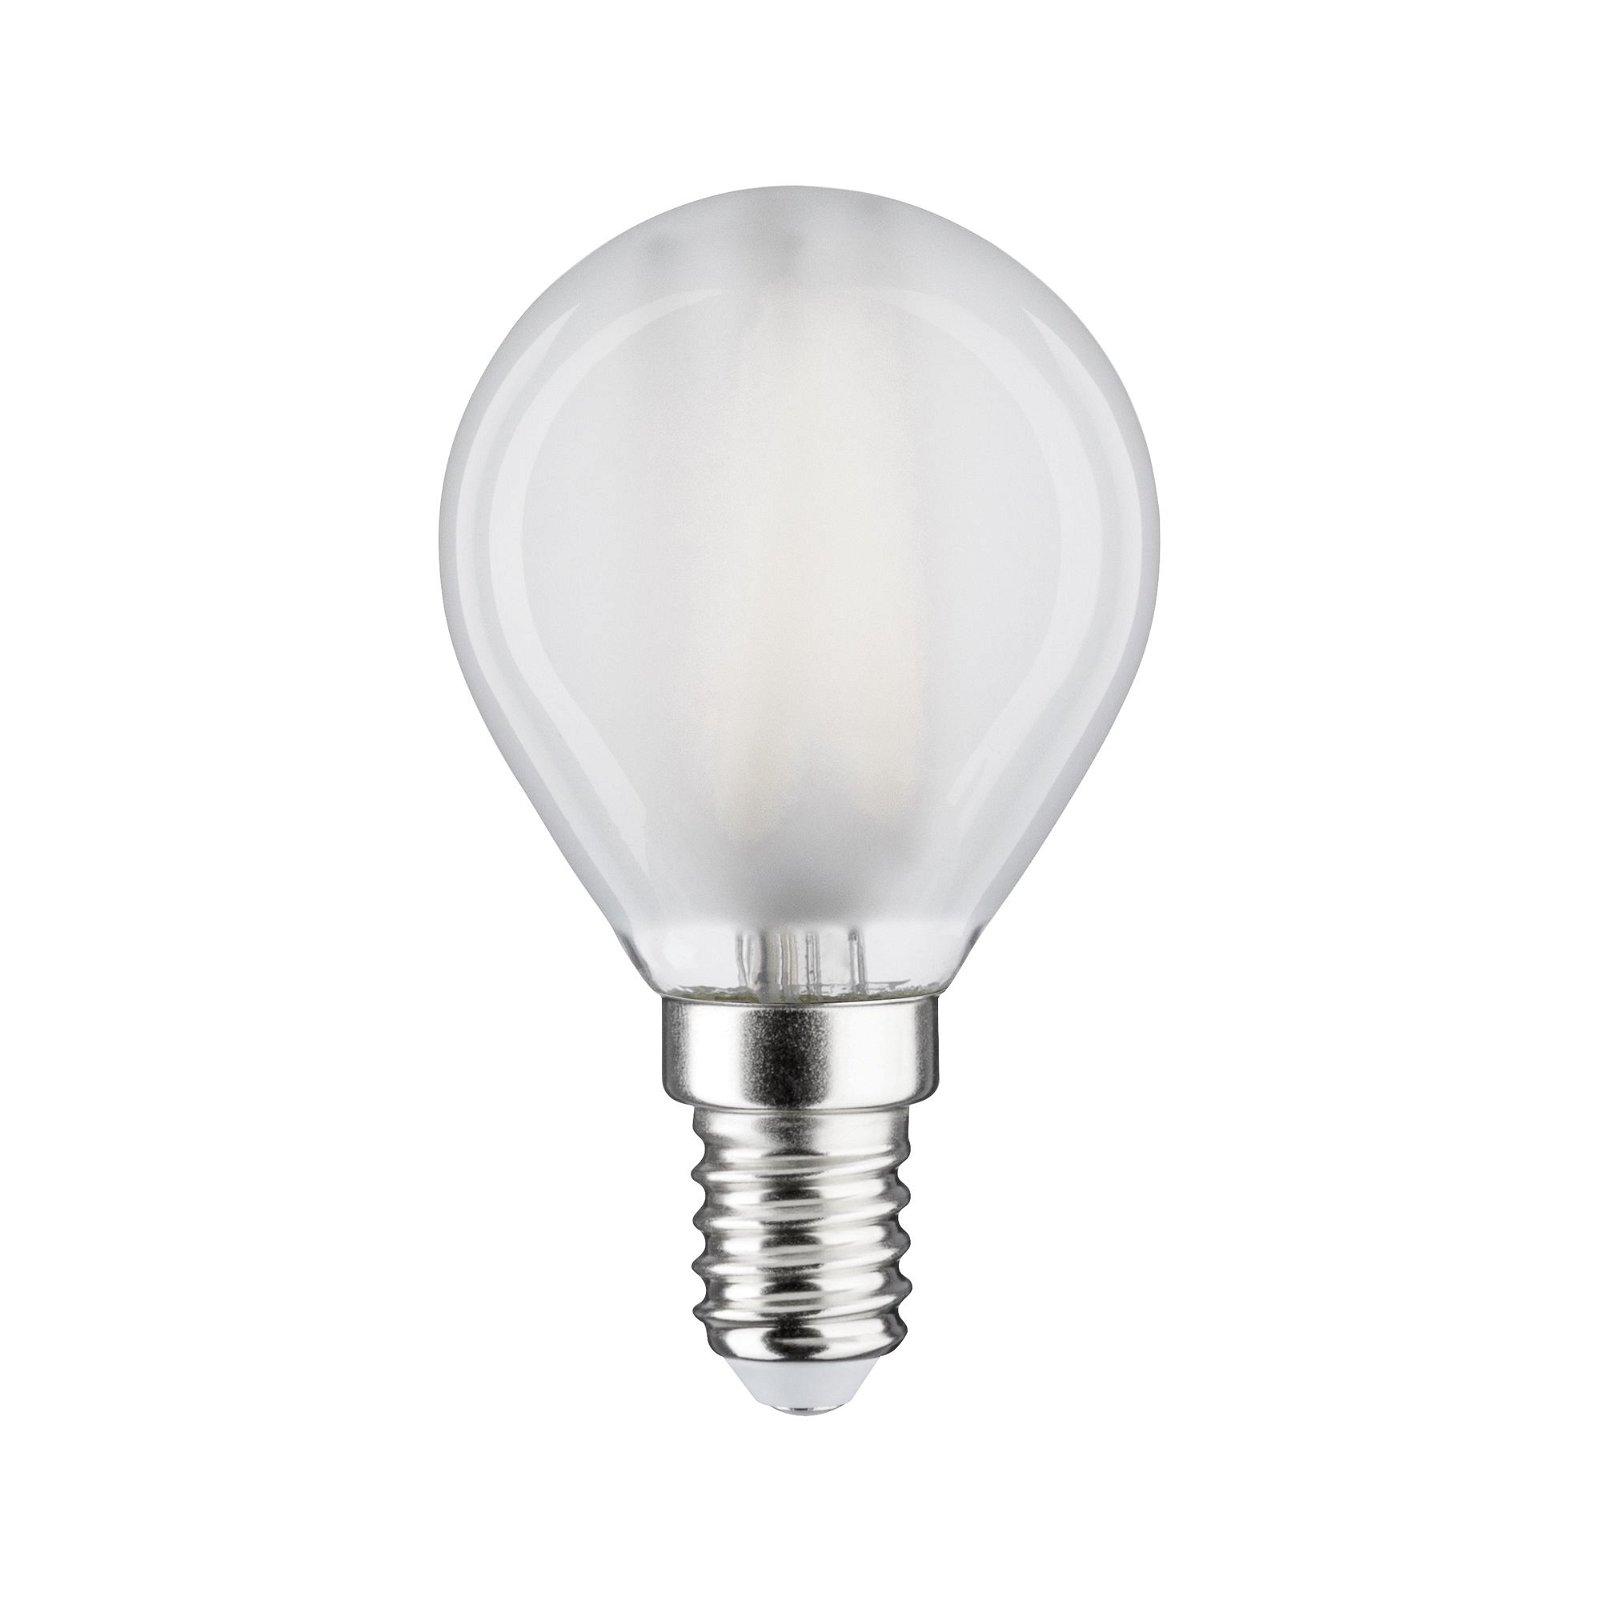 LED Tropfen Filament E14 230V 470lm 5W 6500K Matt